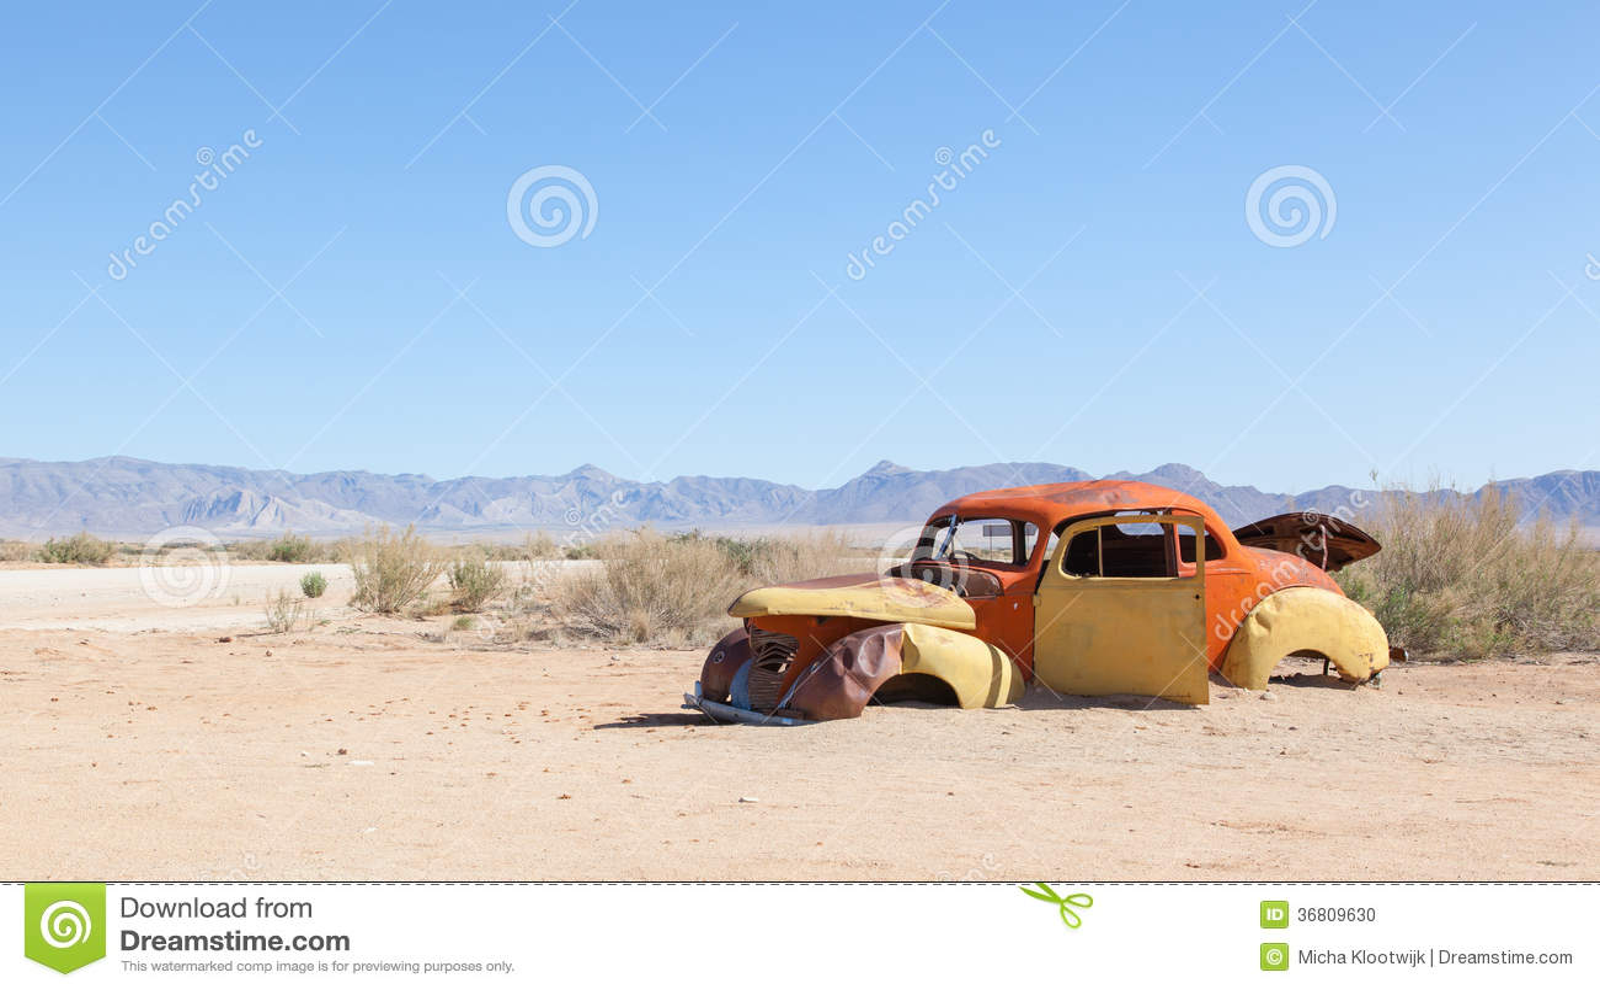 voiture abandonn e dans le d sert de namib photo stock image 36809630. Black Bedroom Furniture Sets. Home Design Ideas